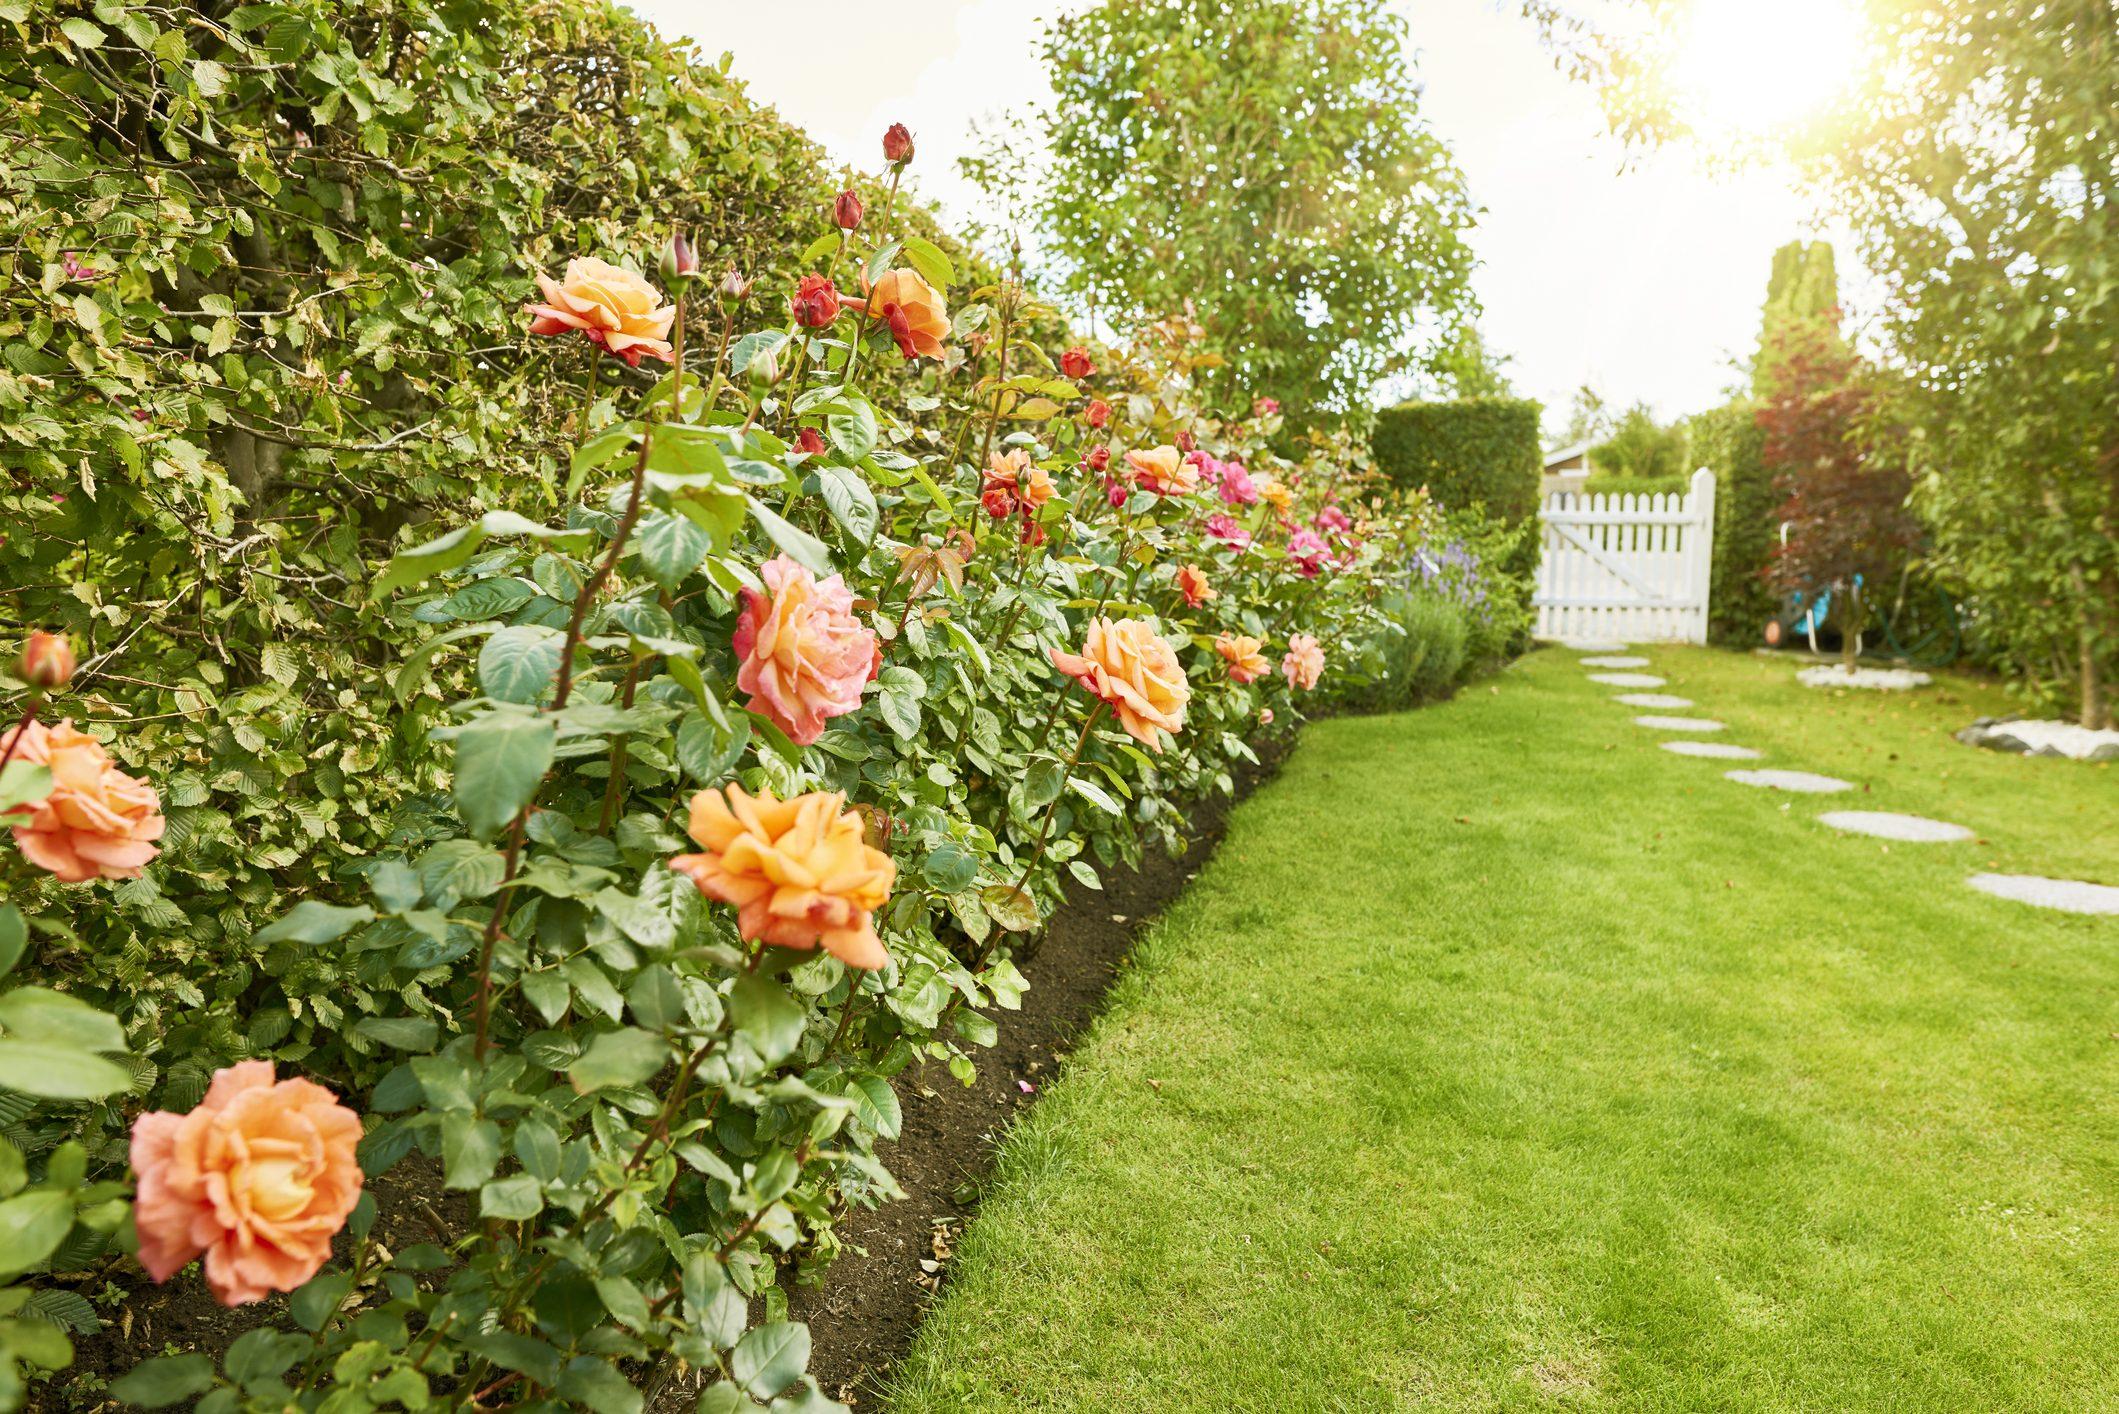 Piante Piccole Da Giardino come curare le rose: in giardino o in vaso, ecco come non